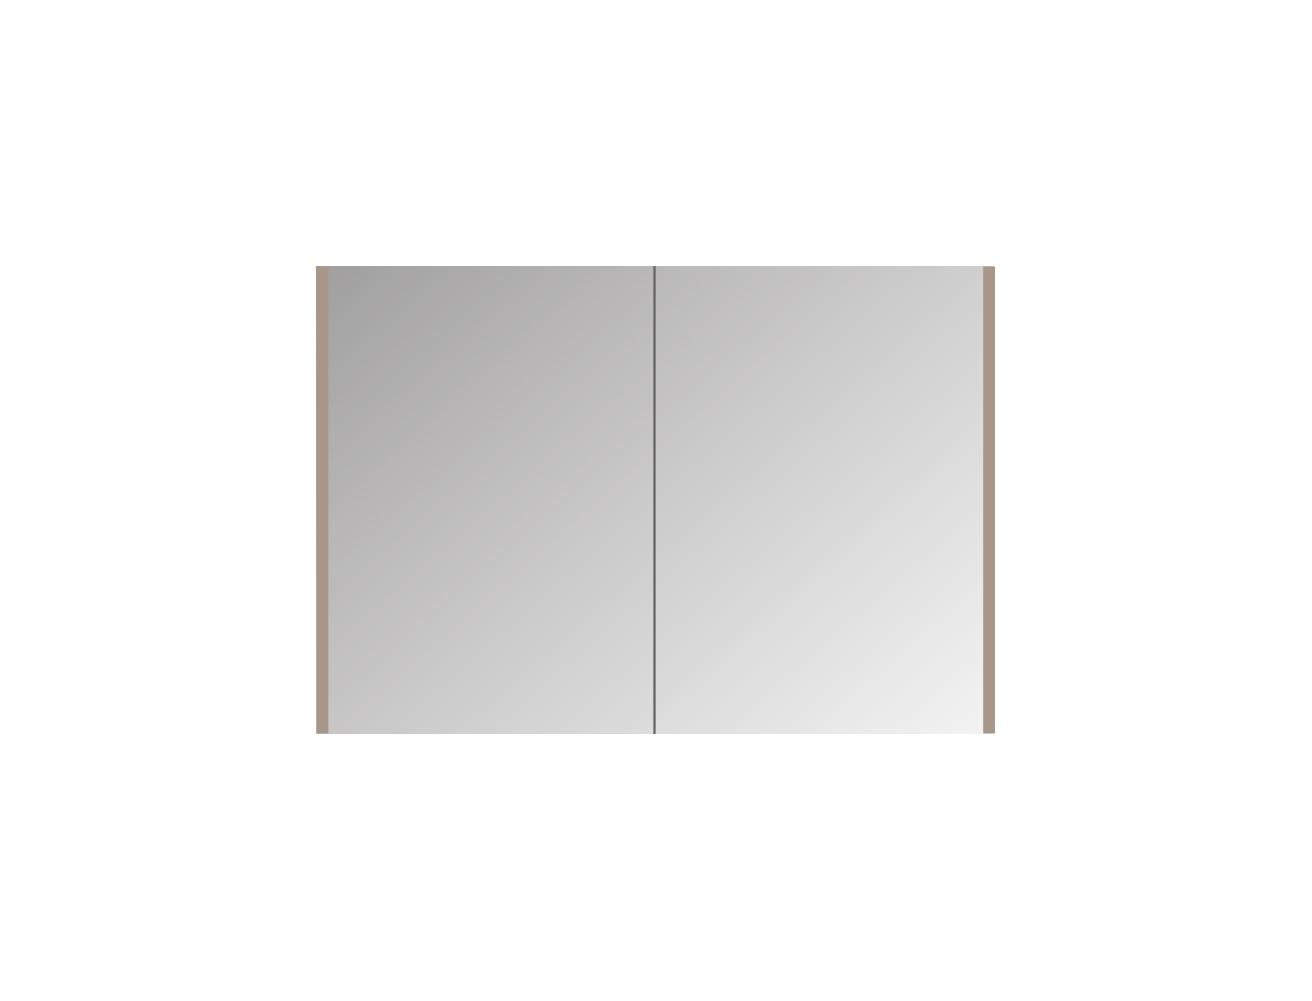 Blinq Ace spiegelkast Xcellent 60cm - eiken